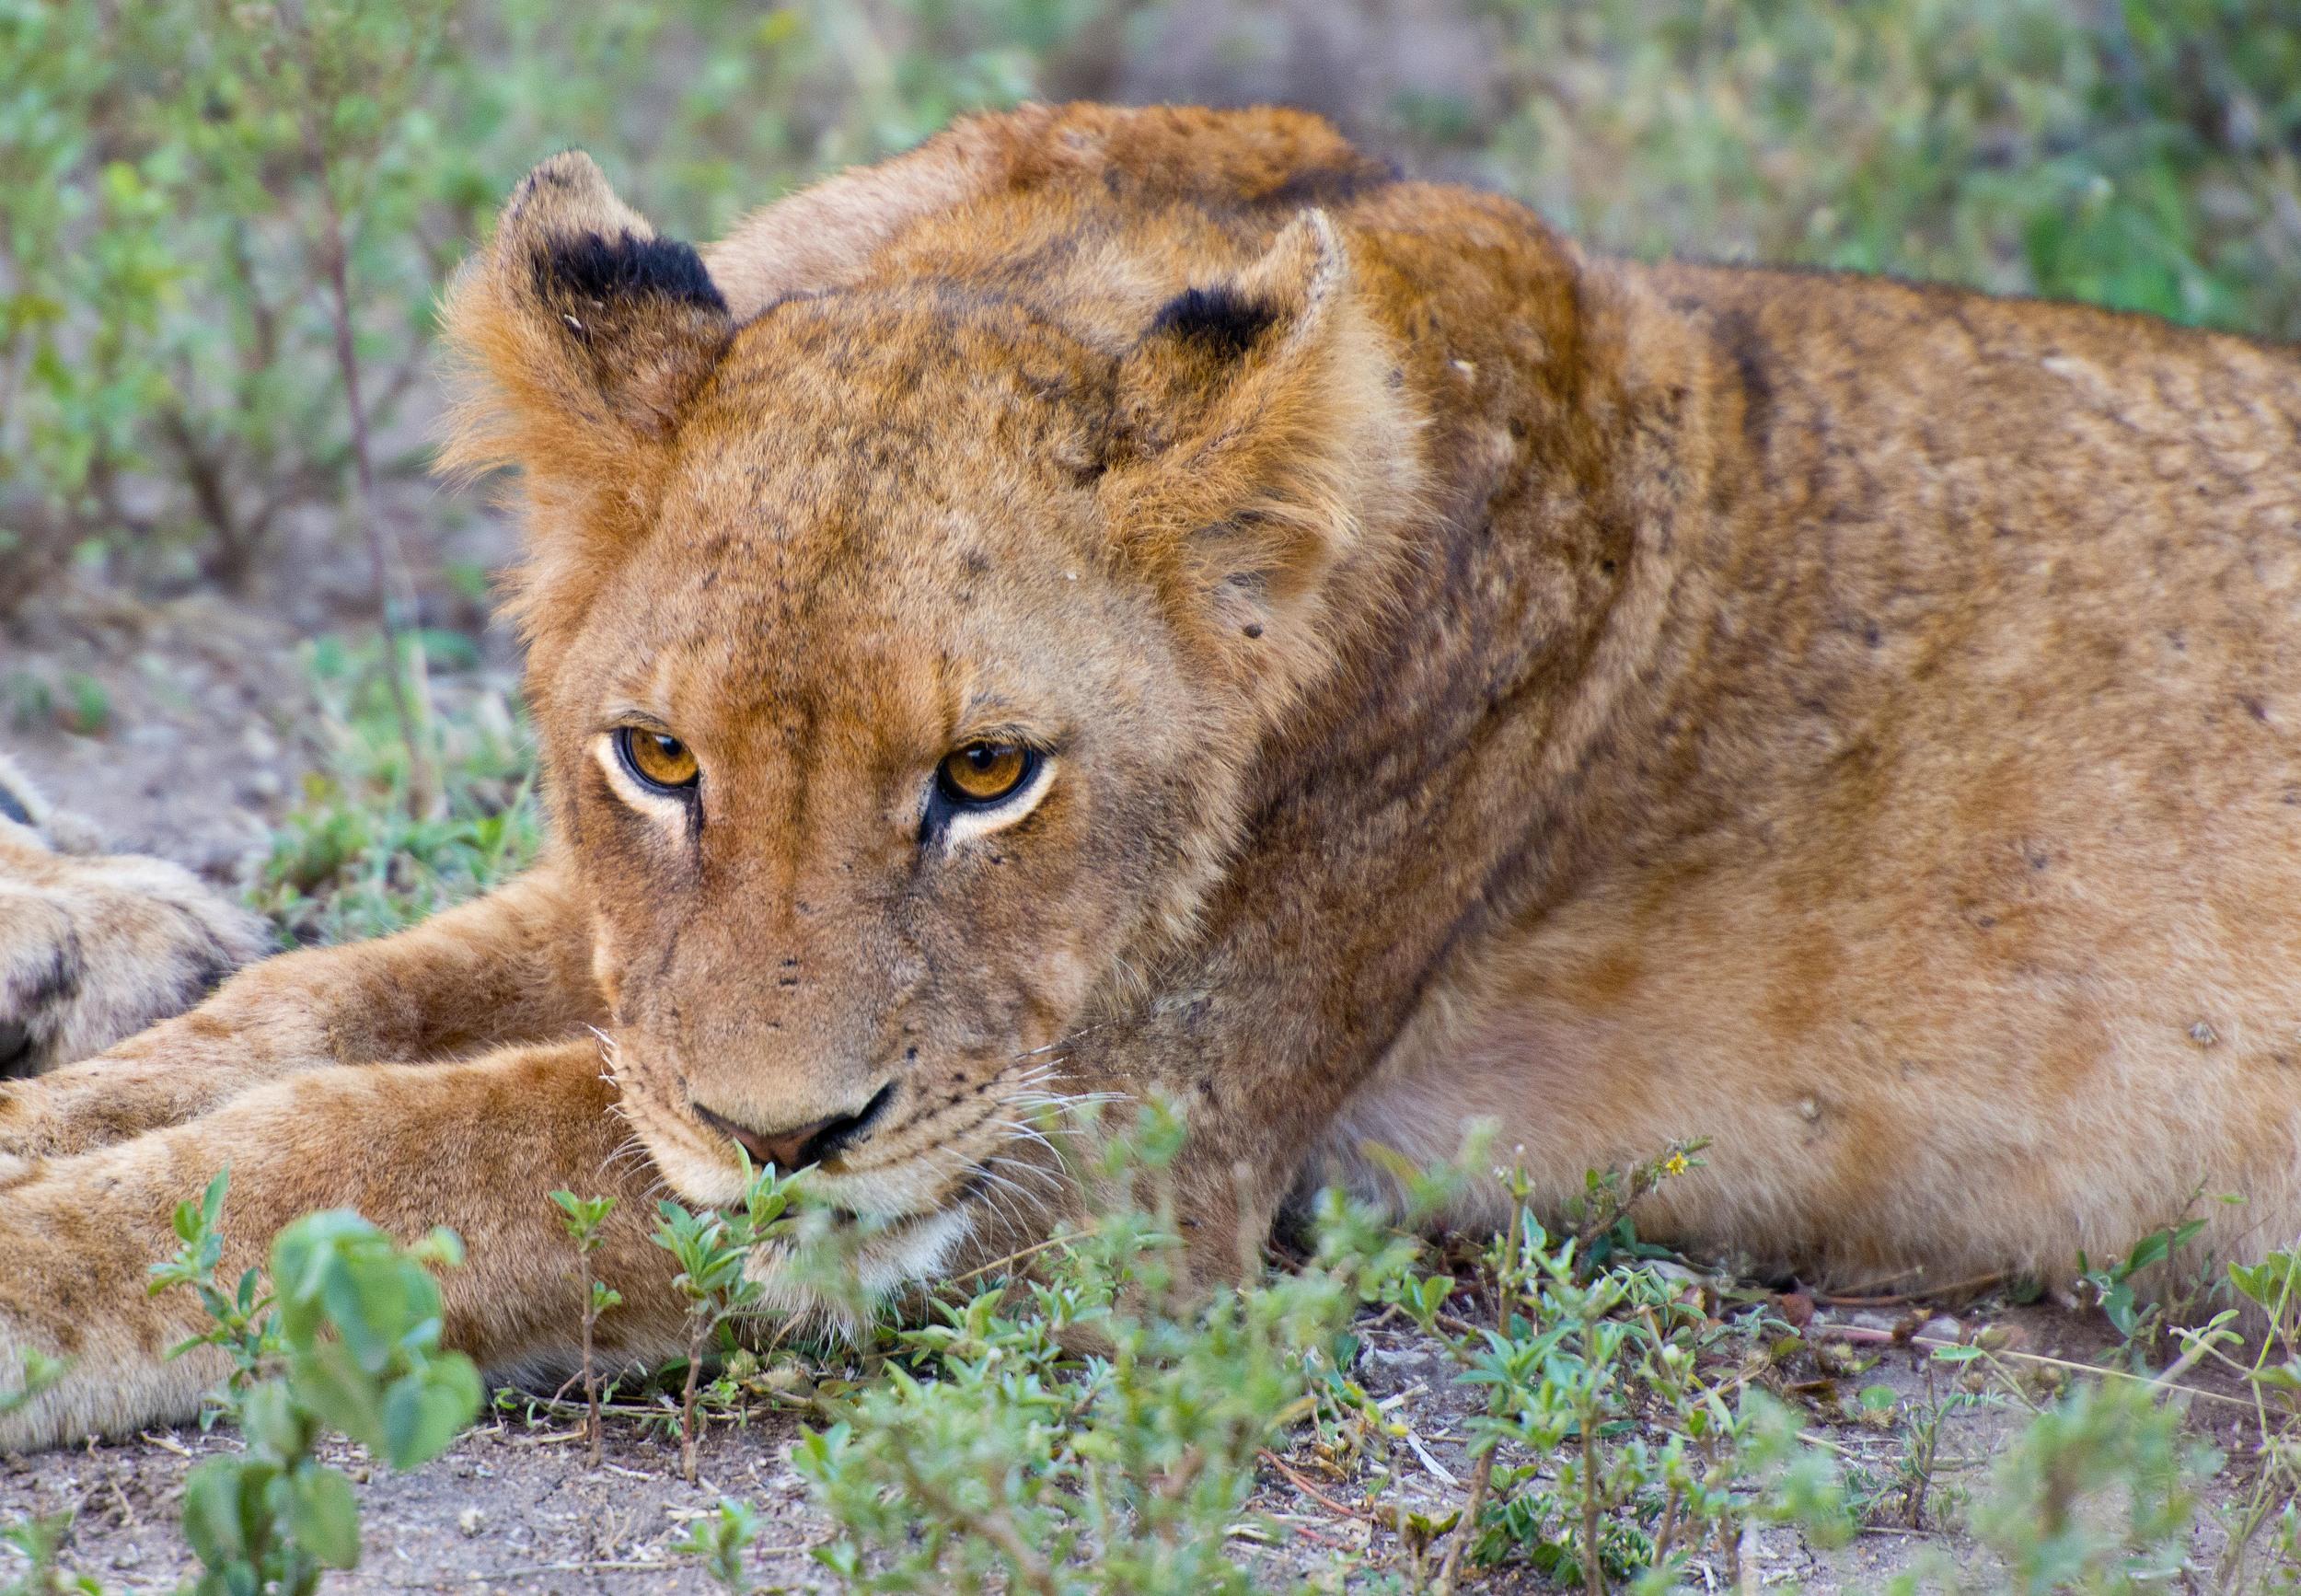 130420_DSC3966 Lion Intently Staring.jpg